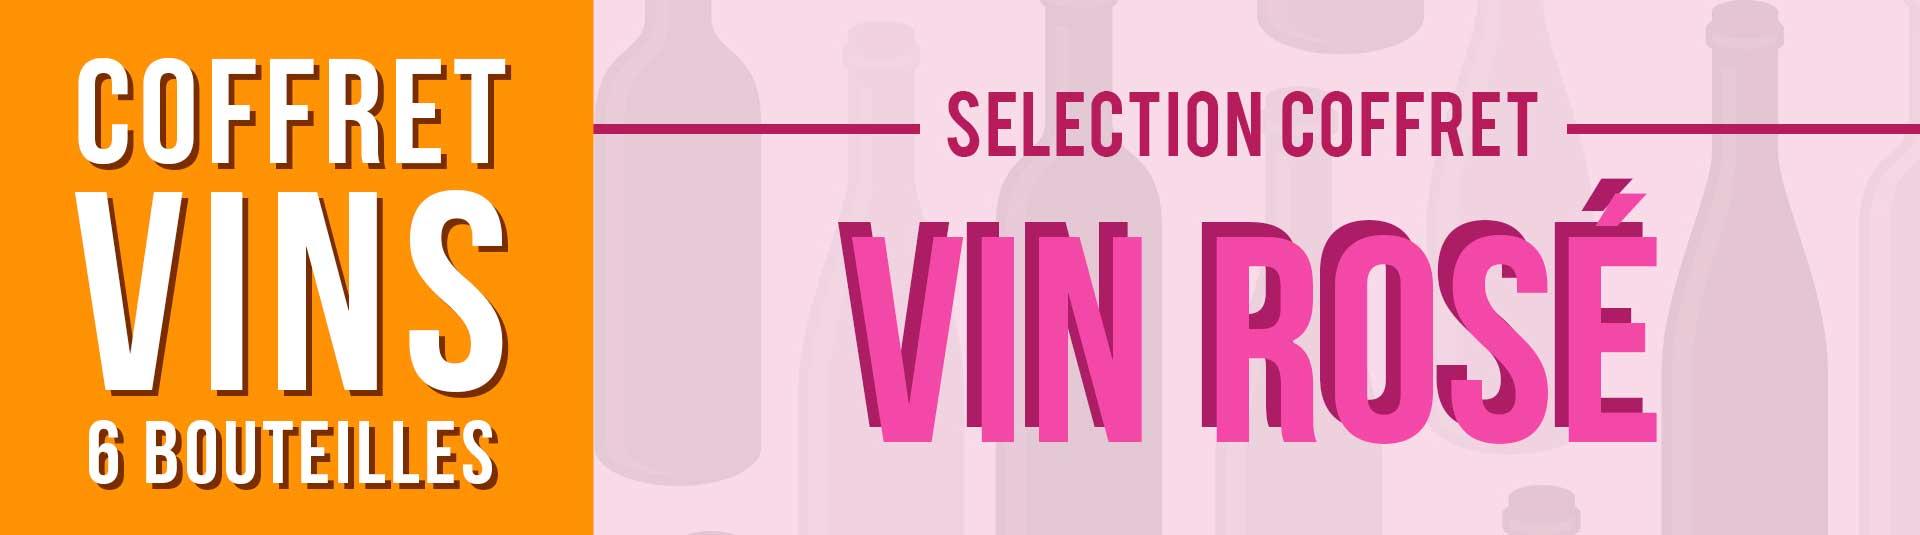 Coffret vin rosé Provence 6 bouteilles